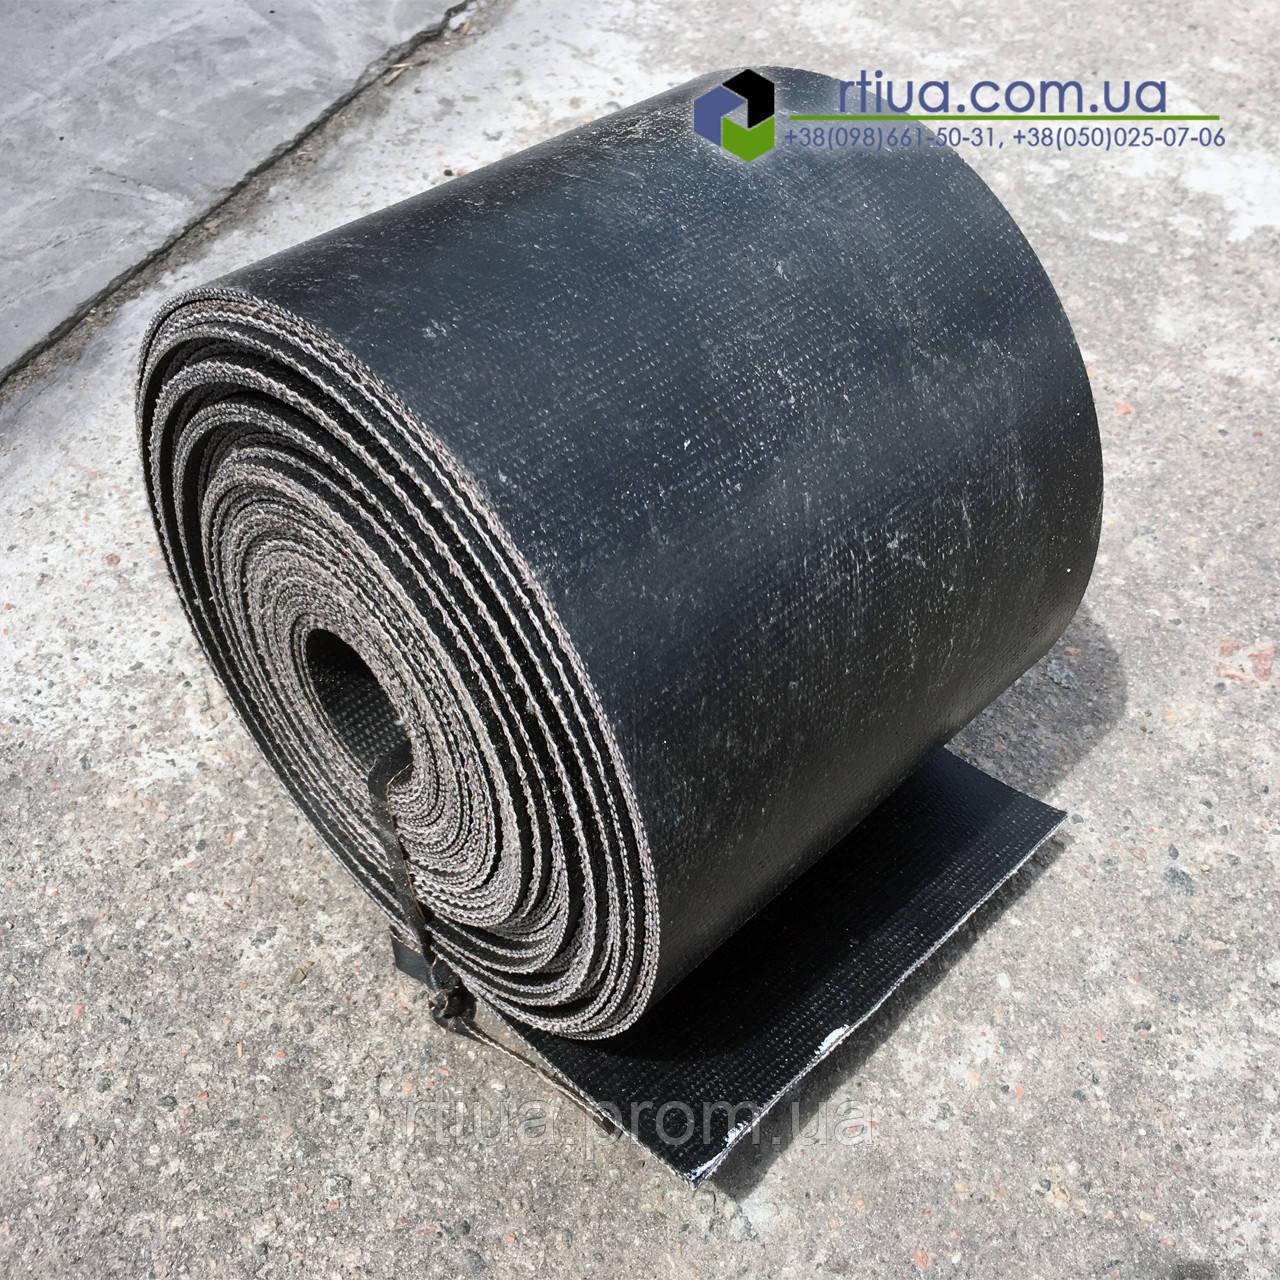 Транспортерная лента БКНЛ, 250х6 мм